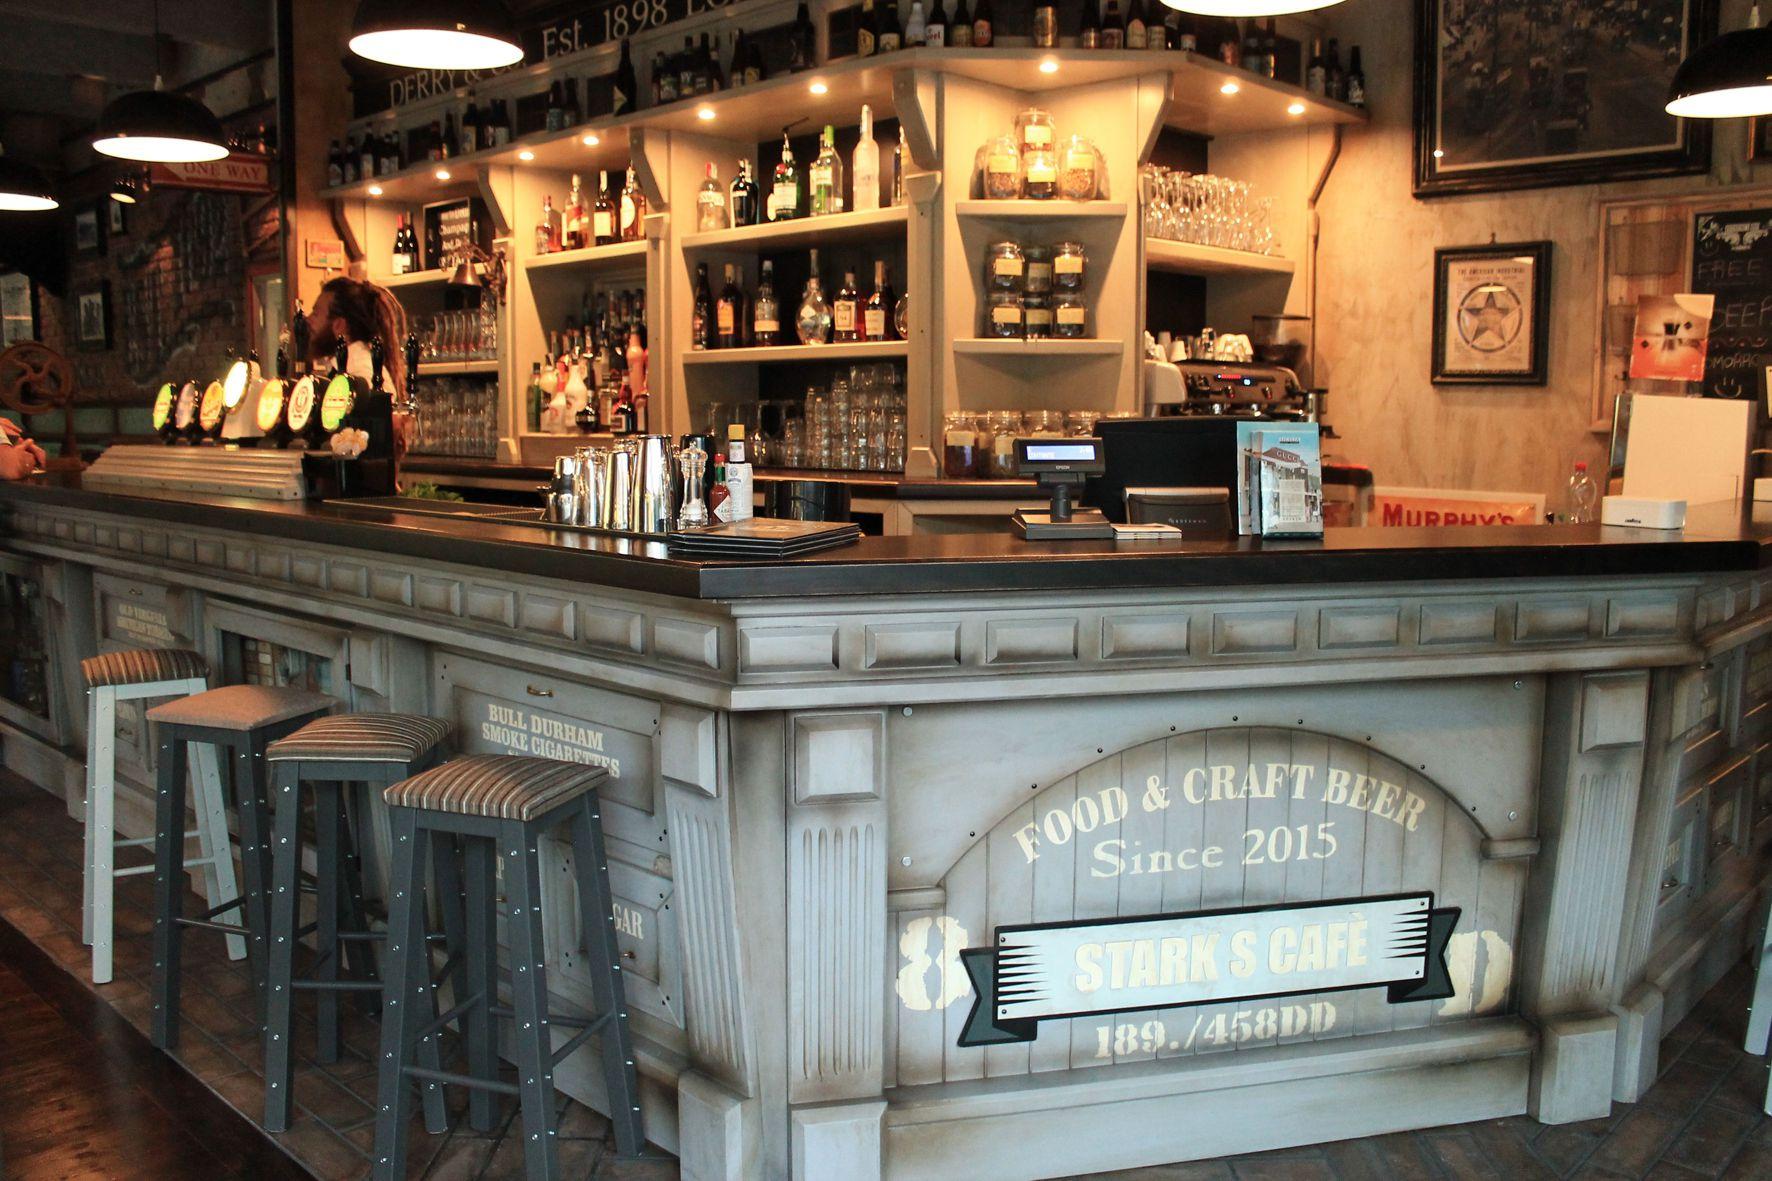 Urban arredamento per pub realizzazione di locali in stile for Arredamento urban